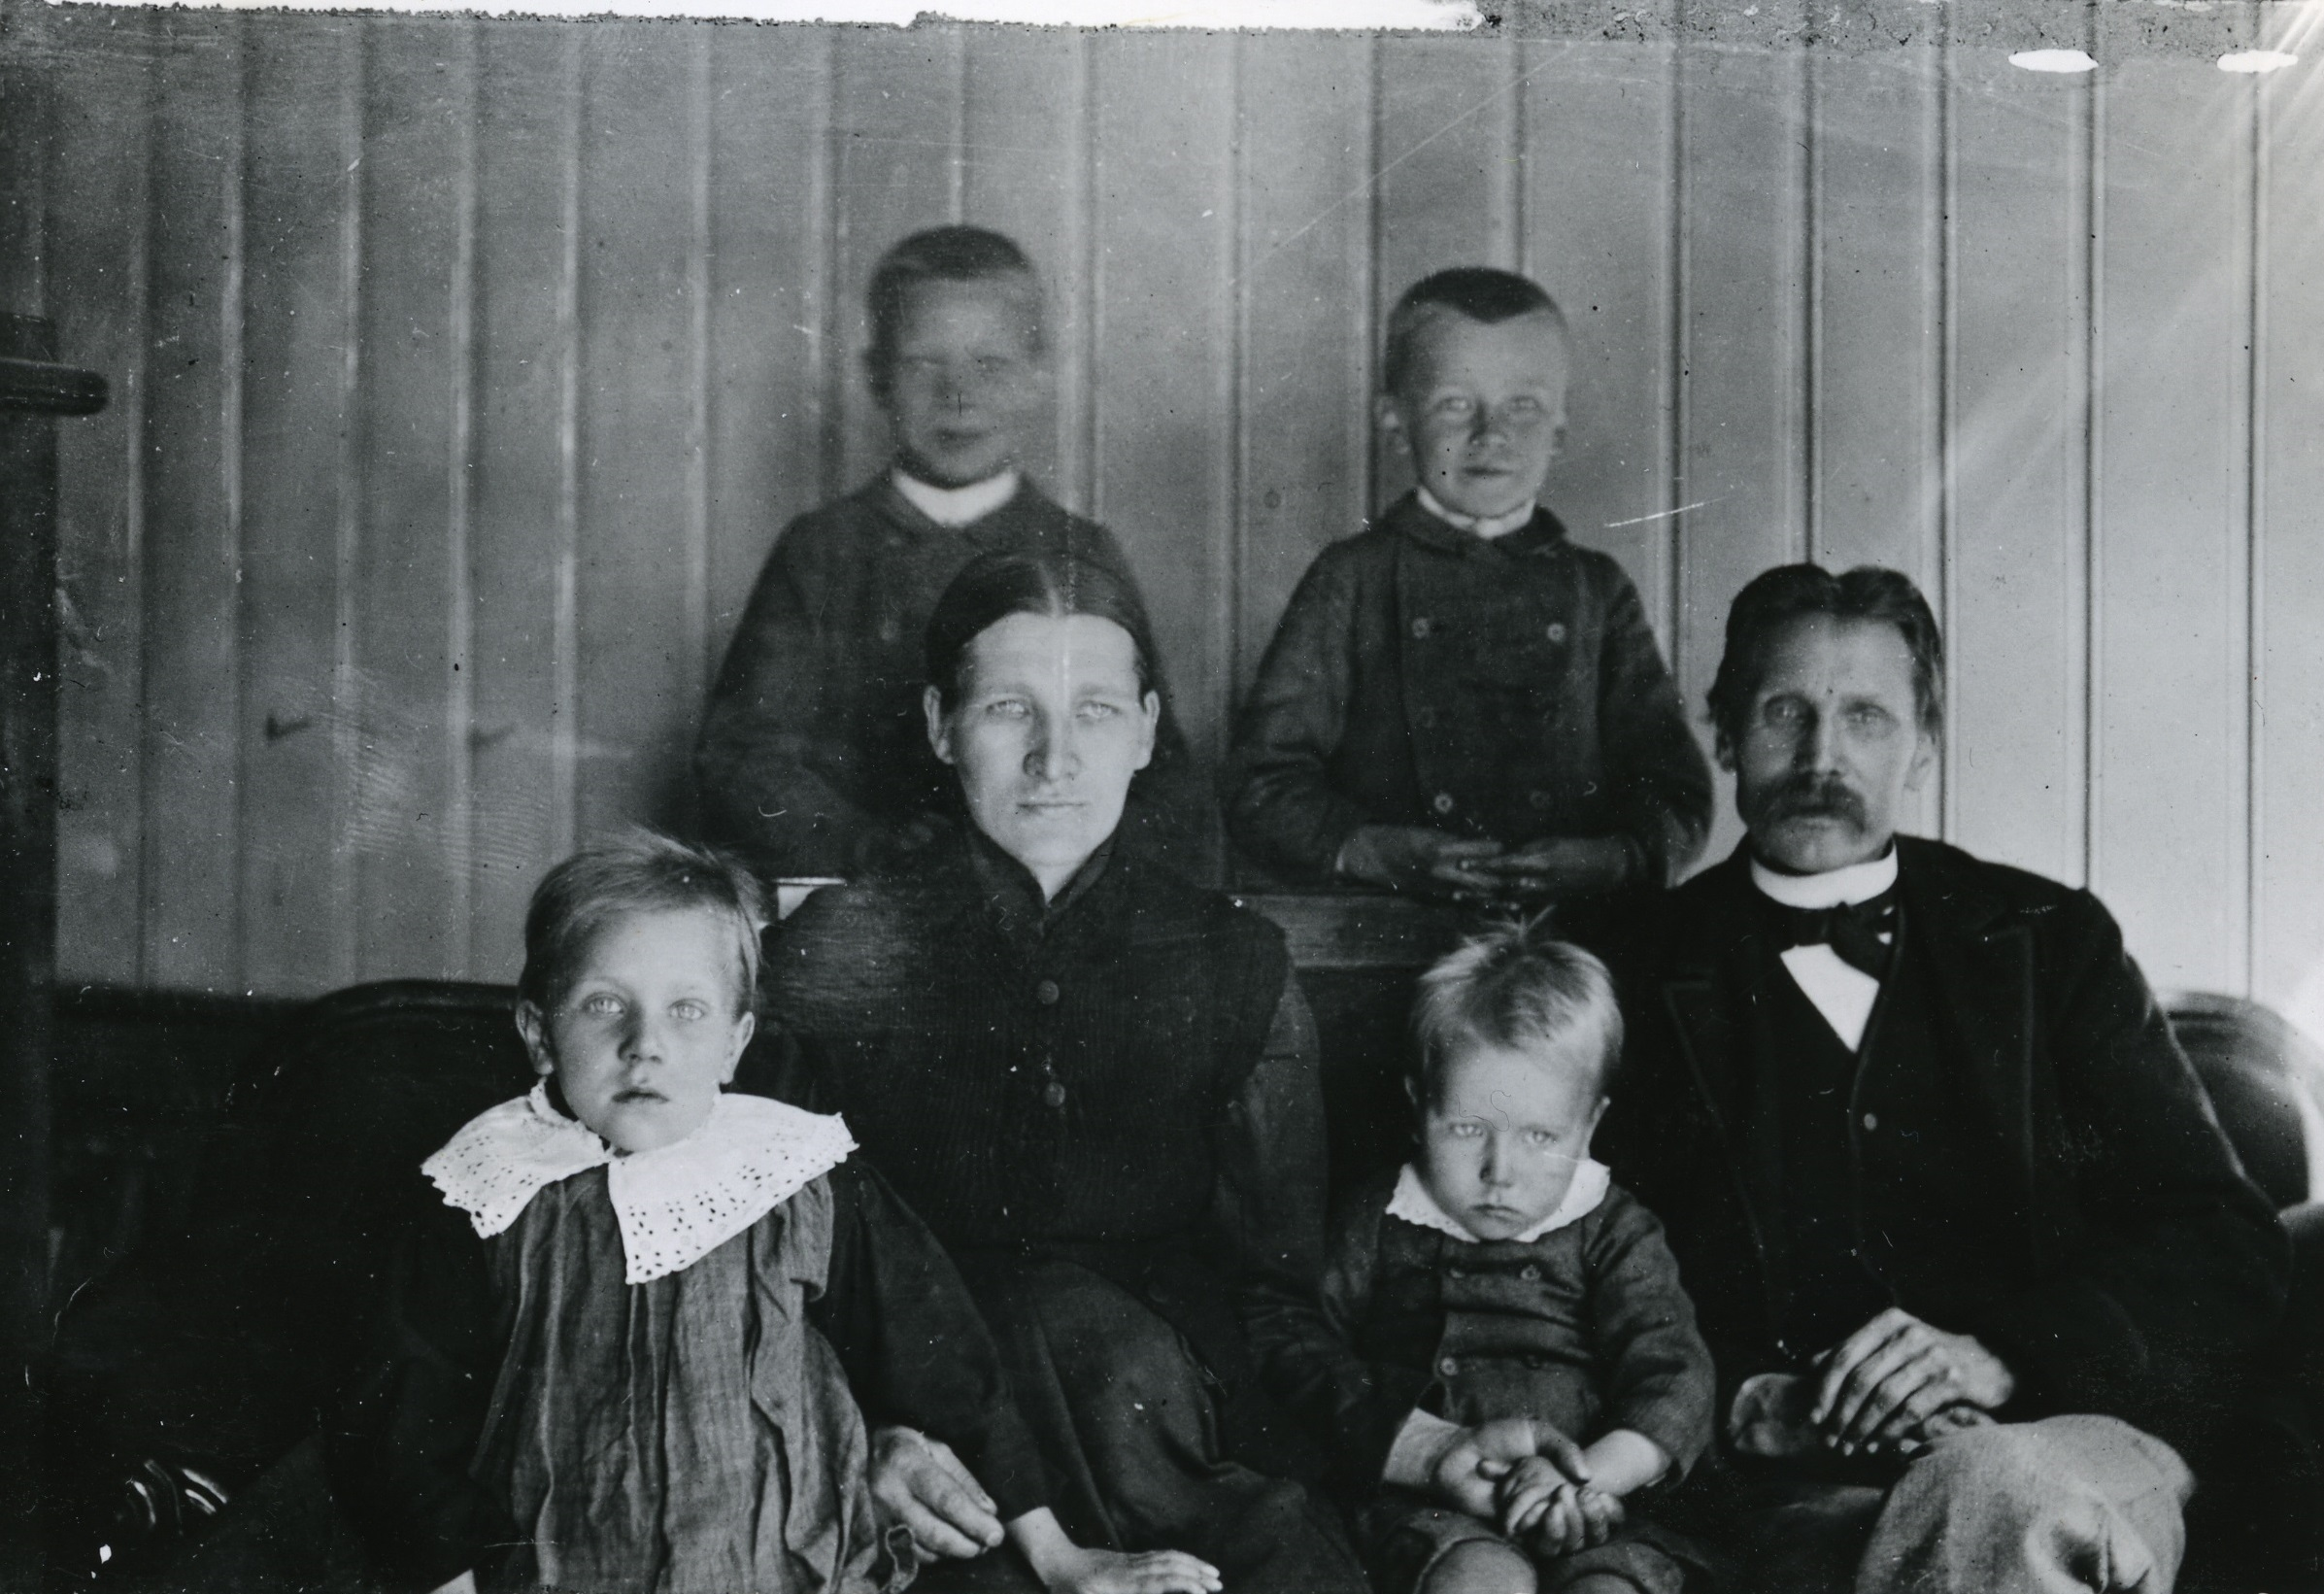 ANTON OG FAMILIEN: BAK STÅR KARL F. 1882 OG OSKAR F. 1885, I MIDTEN ANTONS MOR OG FAR OG FORAN ANNA F. 1887 OG ANTON F. 1890. FOTO: ARBEIDERMINNER, PRIVAT FOTO.